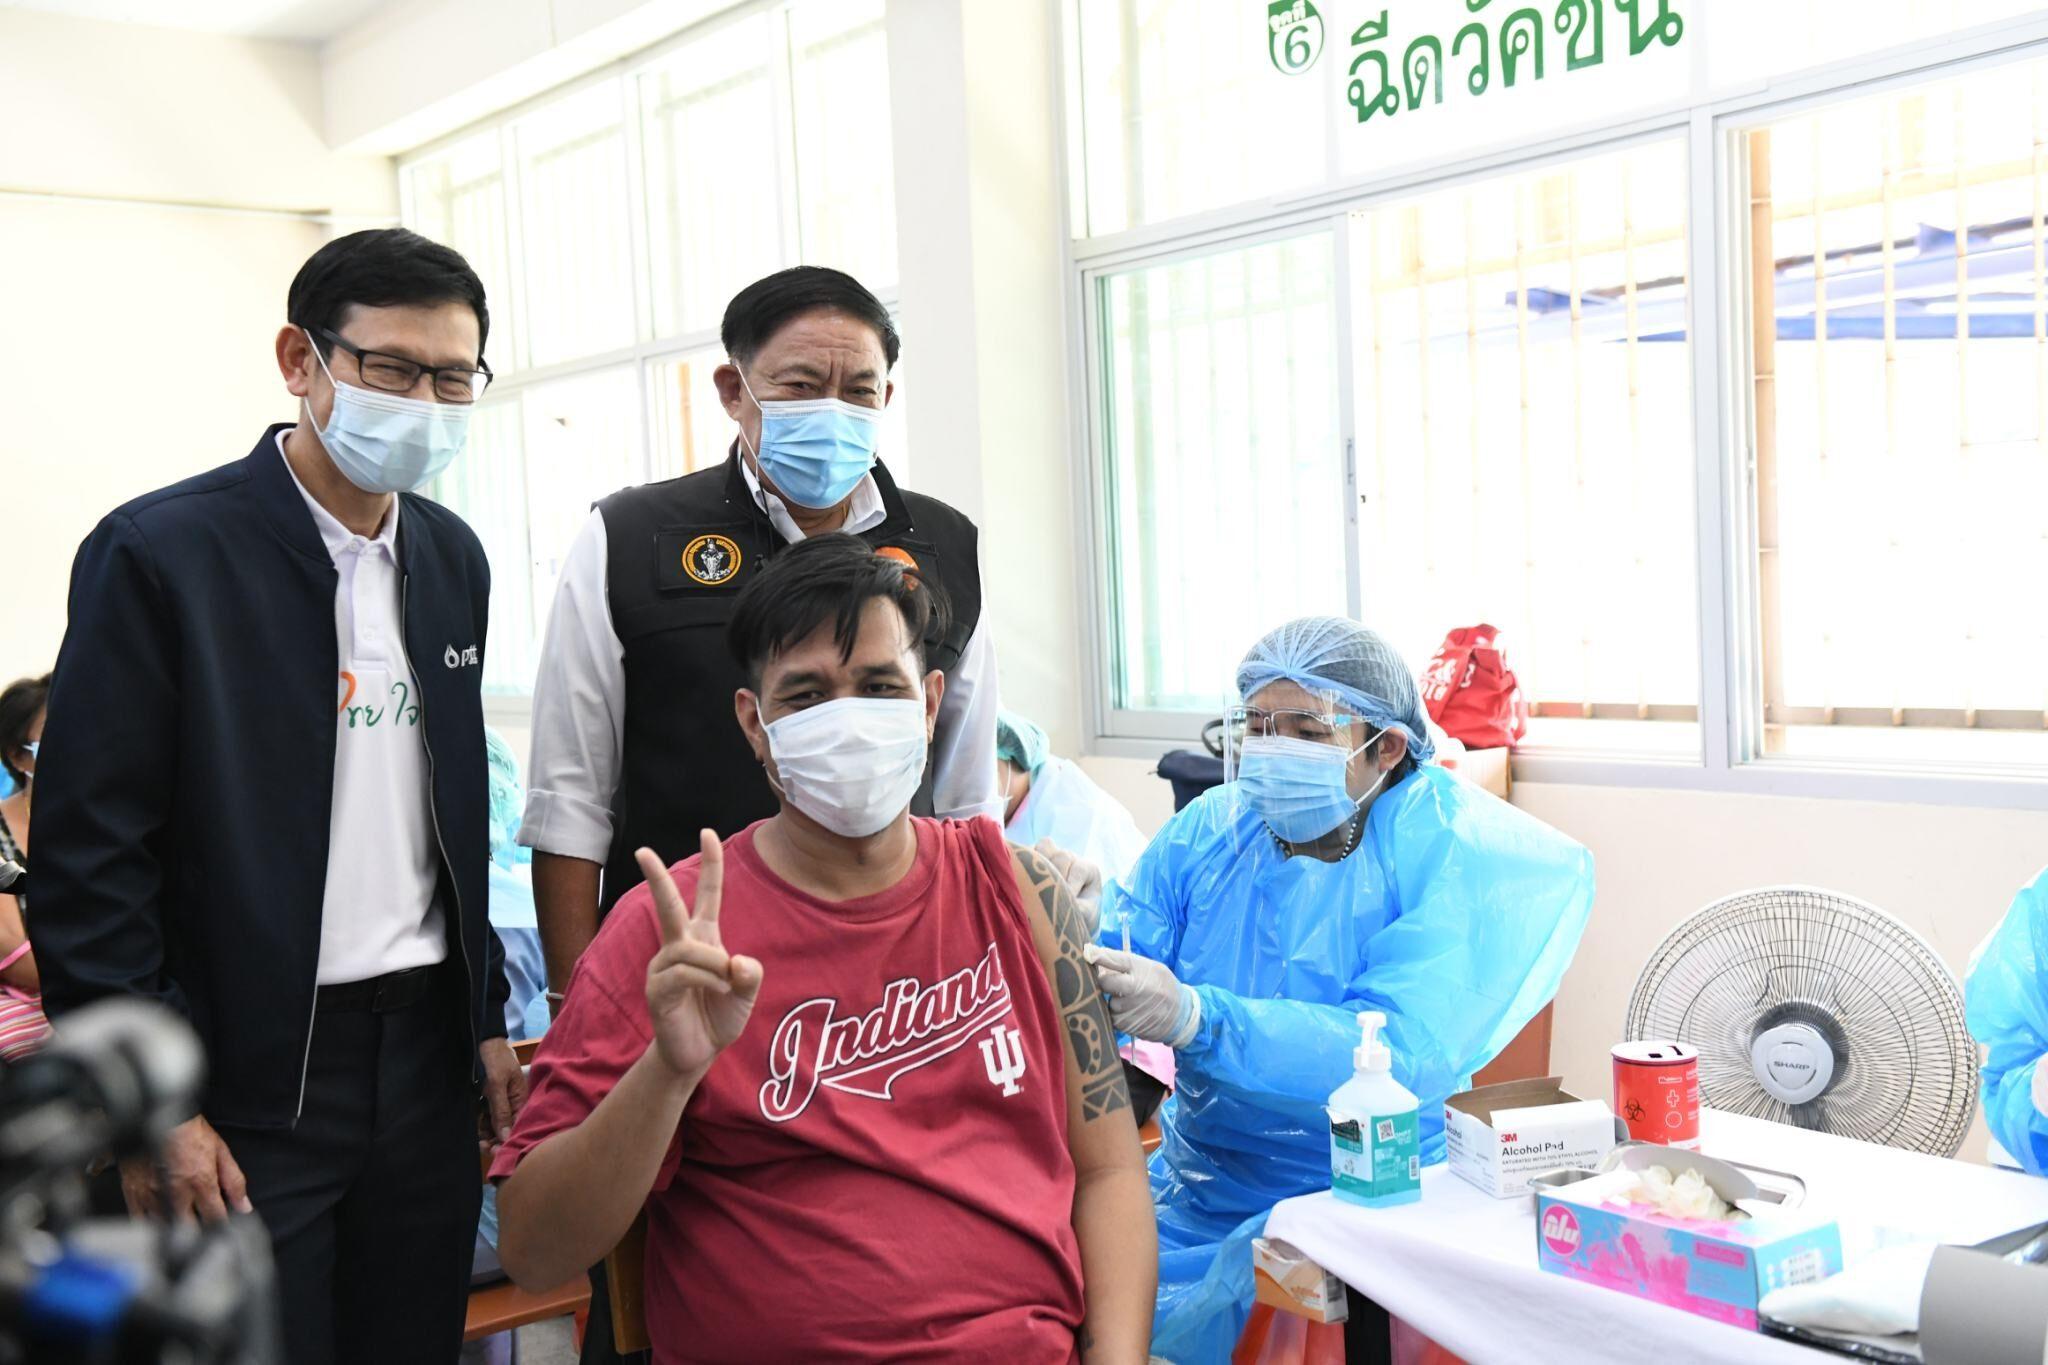 กทม.จับมือ ปตท. ฉีดวัคซีนโควิดกลุ่มคลัสเตอร์สำคัญ จ่อเพิ่มฮอสปิเทลรองรับผู้ป่วย